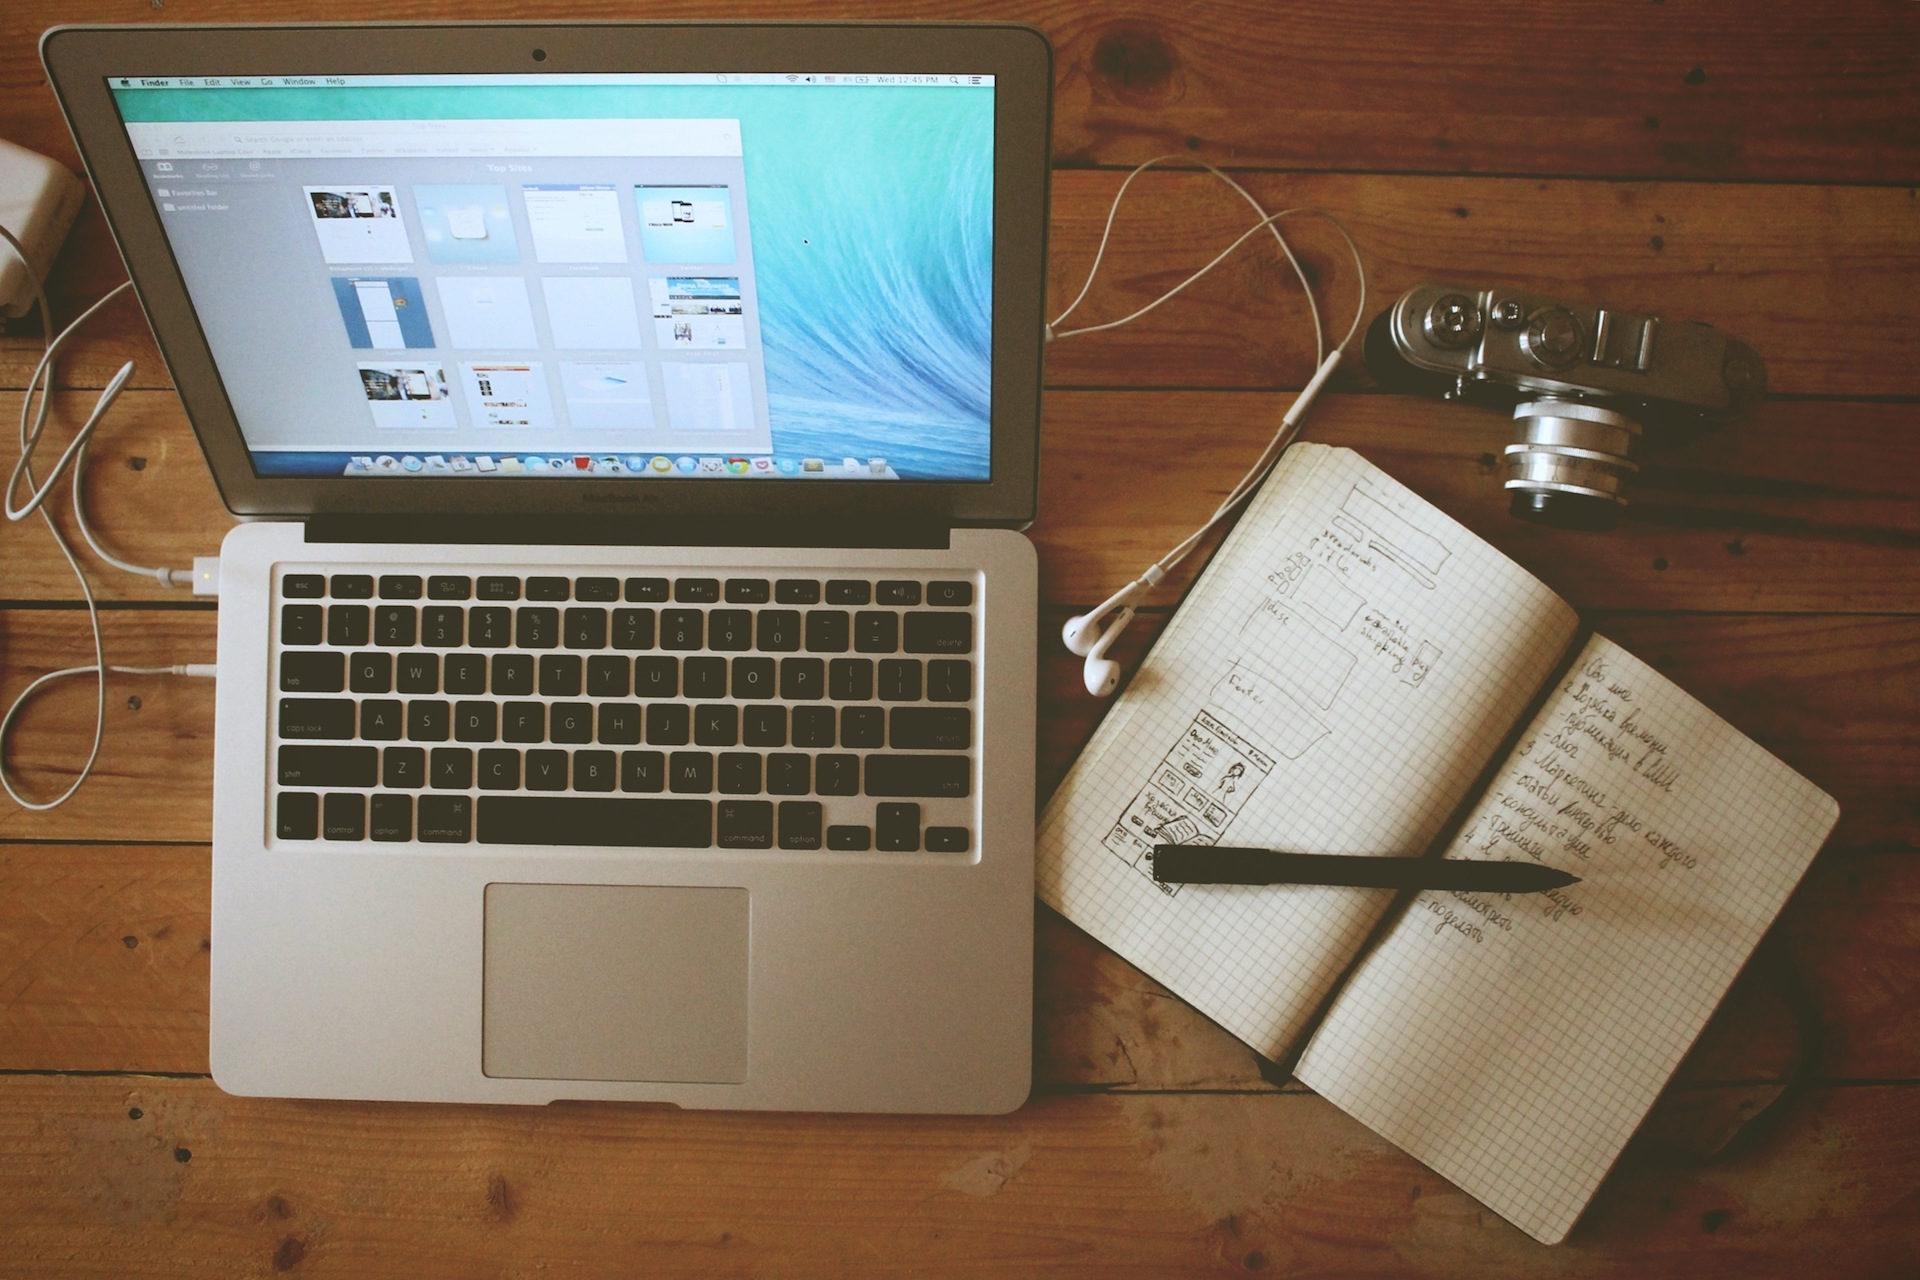 PORTATIL, ordinateur portable, Ordinateur de bureau, Bureau, appareil photo - Fonds d'écran HD - Professor-falken.com